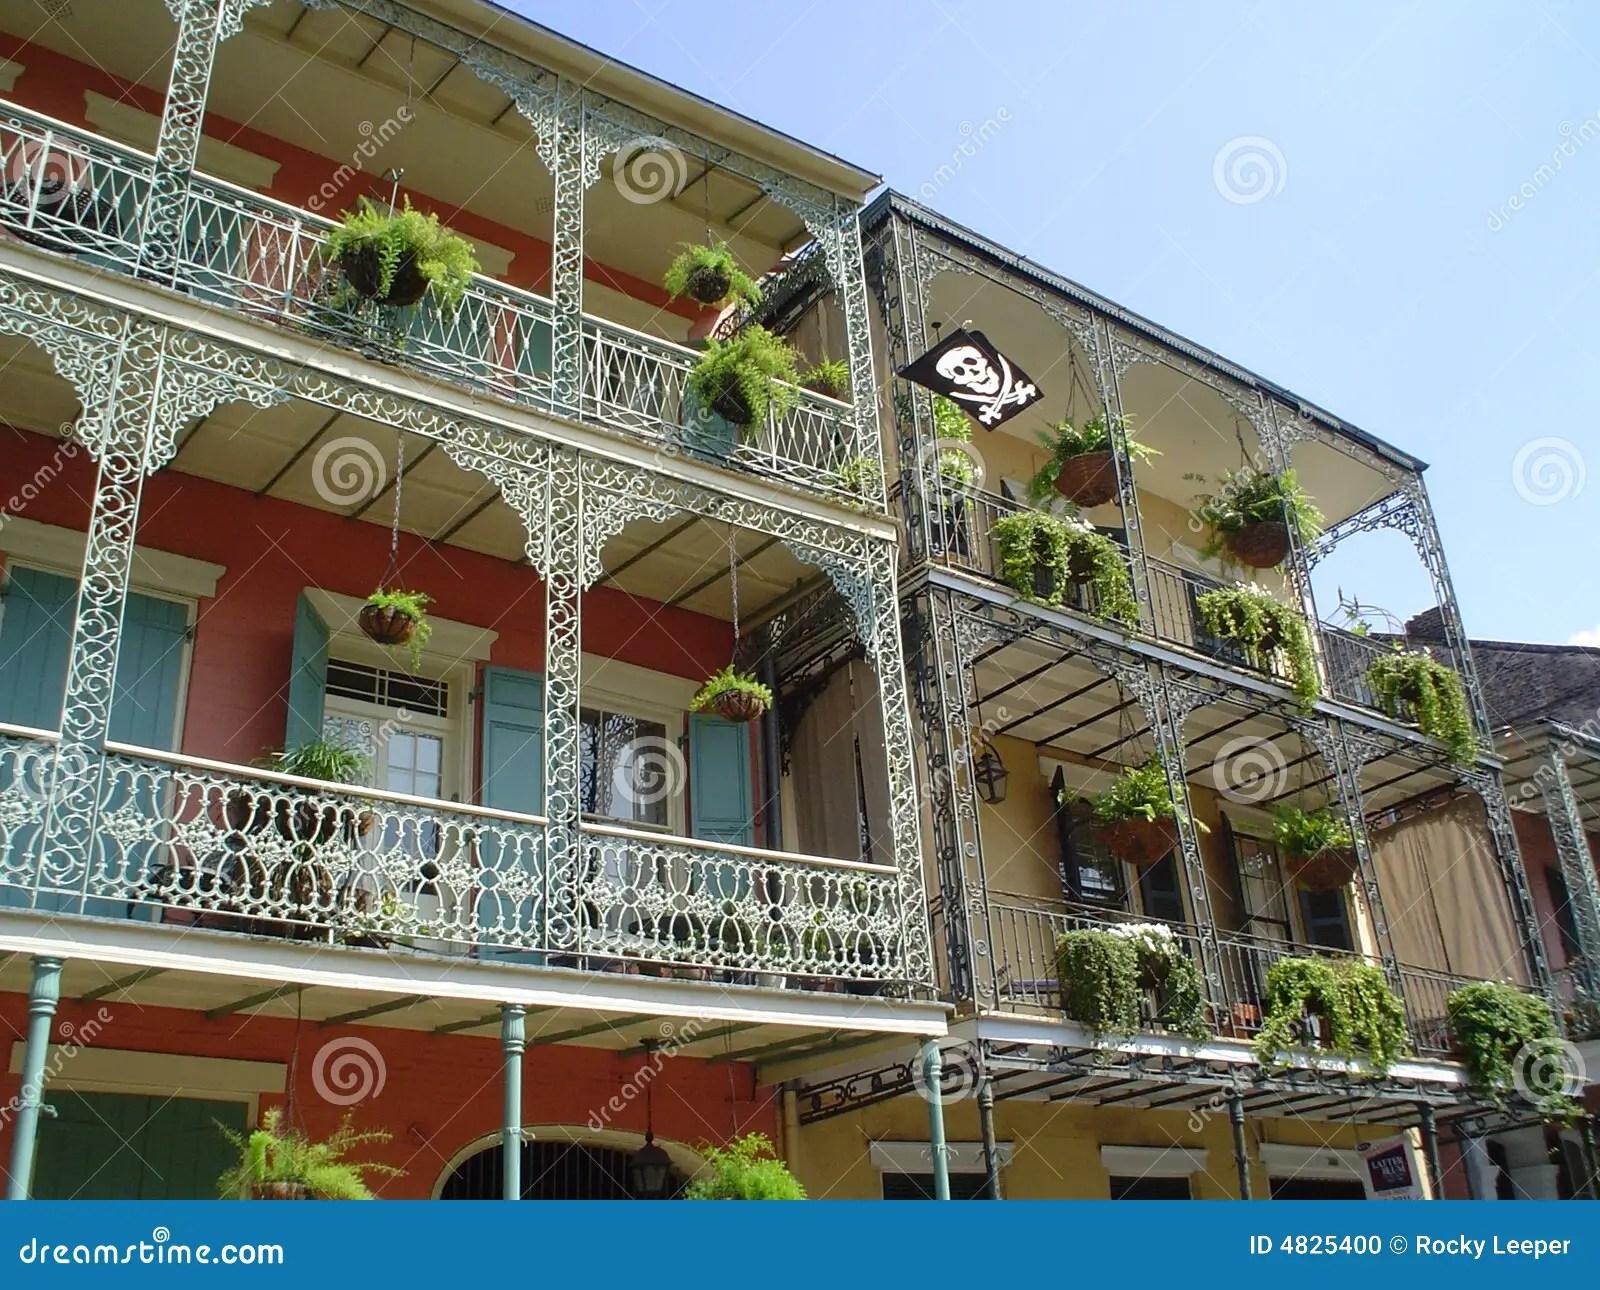 French Quarter Wrought Iron Balcony Stock Photo Image